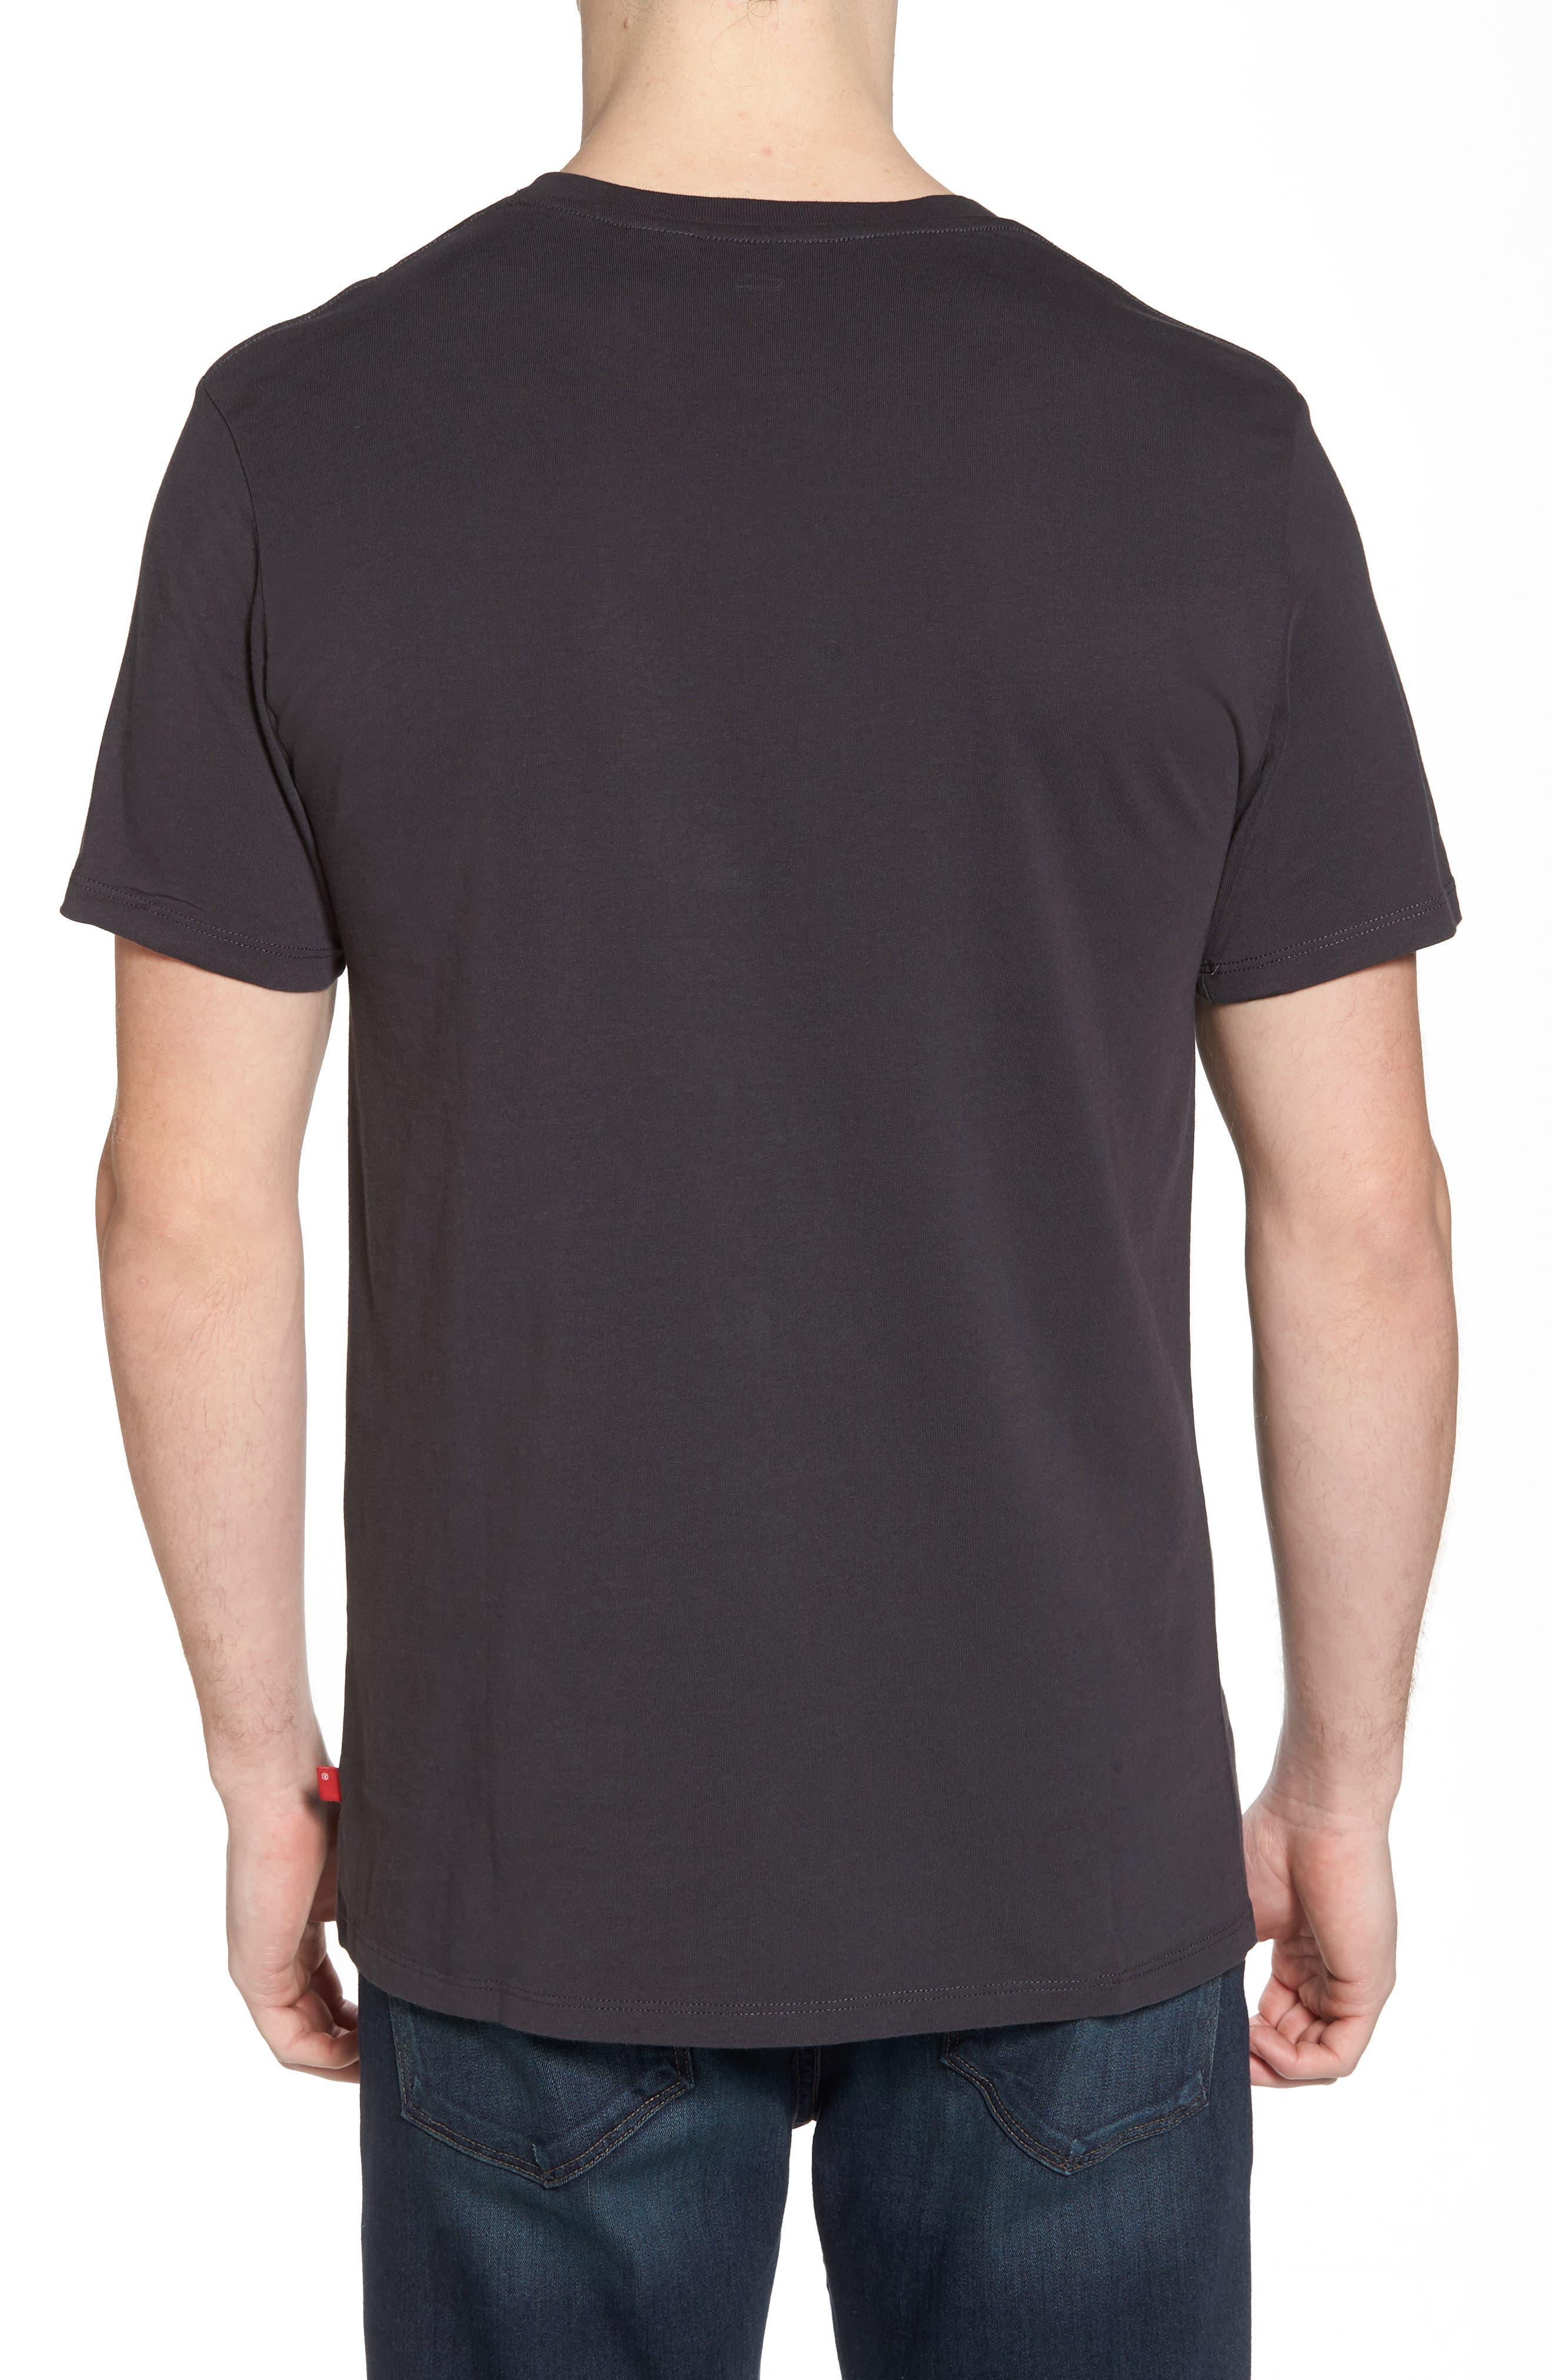 Housemark Graphic T-Shirt,                             Alternate thumbnail 2, color,                             Housemark Grey